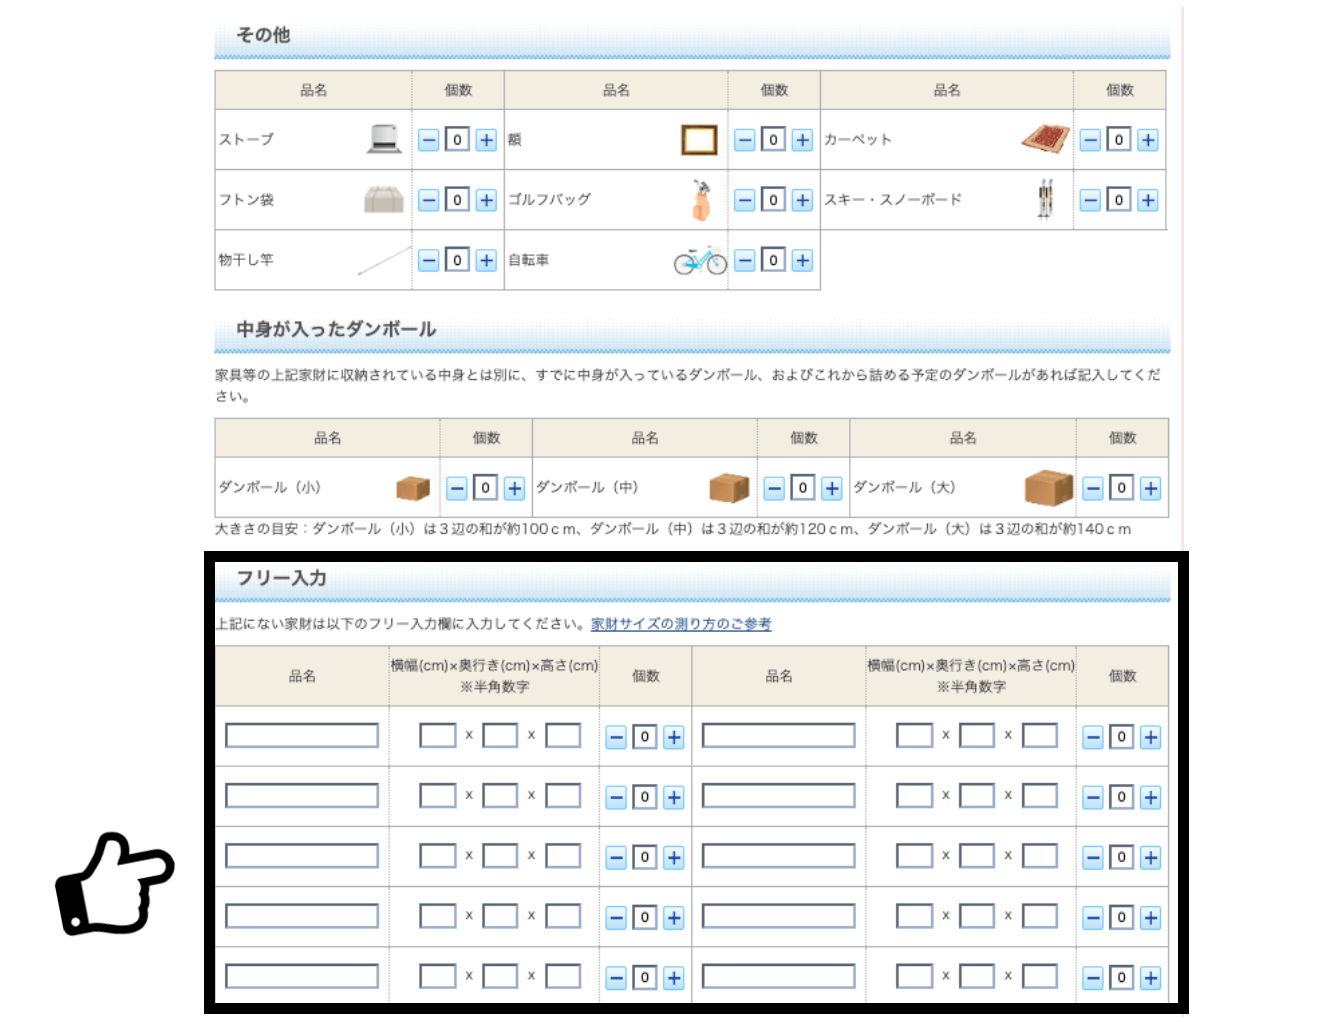 日本通運の公式ページ 荷物の詳細入力の解説